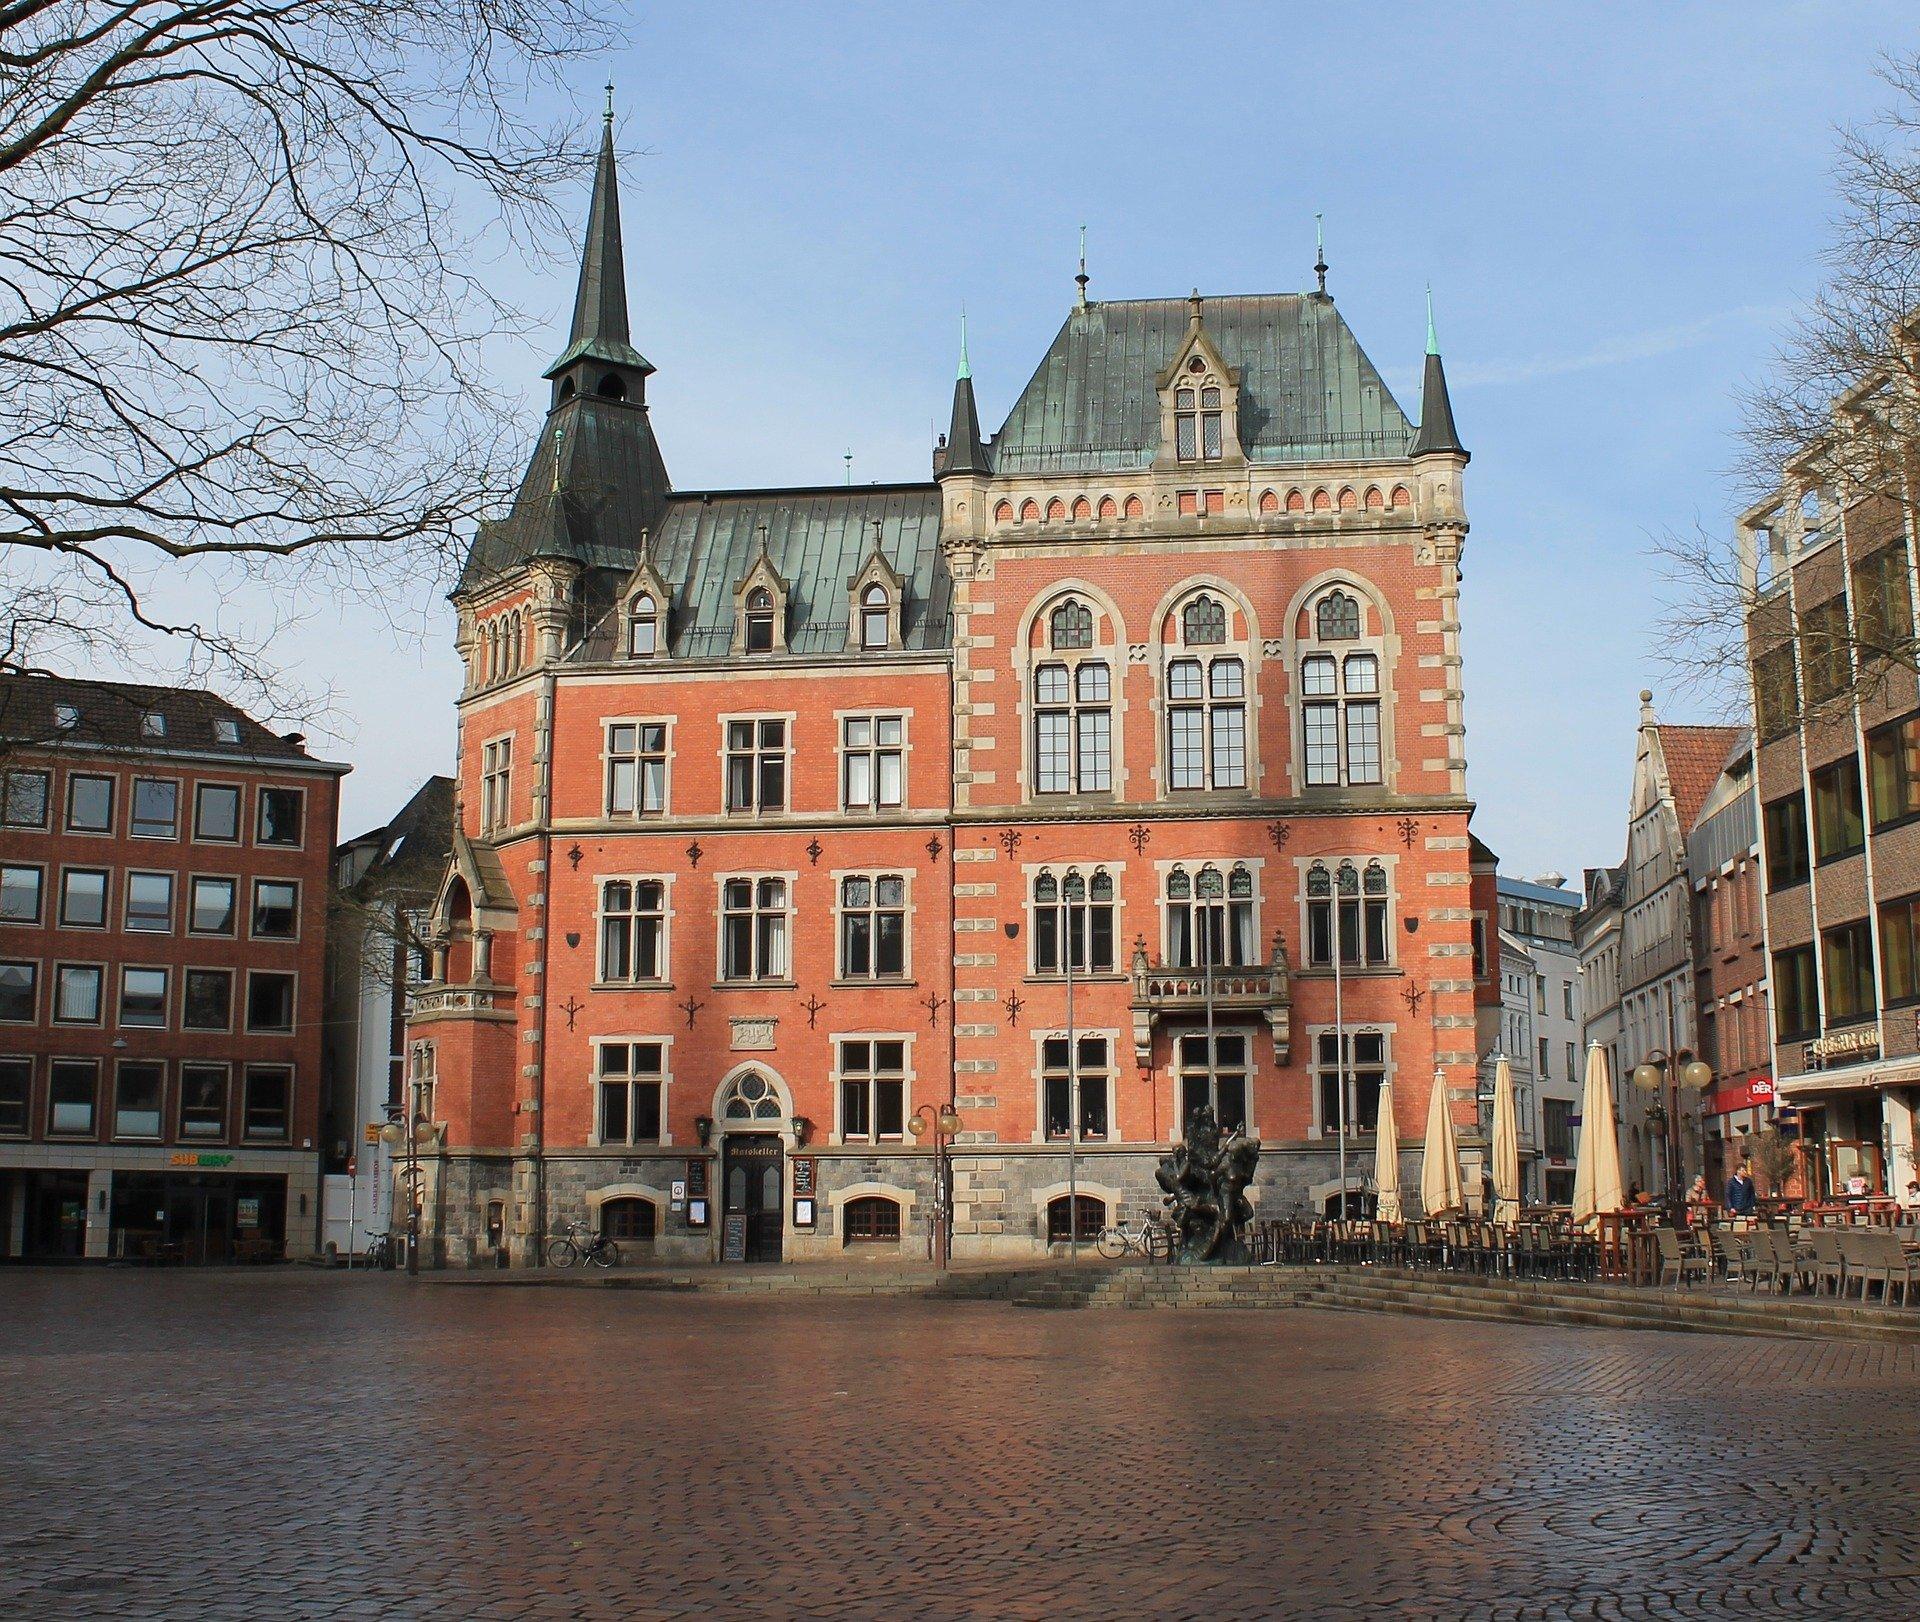 Der Friese: Tee und Branntwein gehören zur Geschichte der Friesen